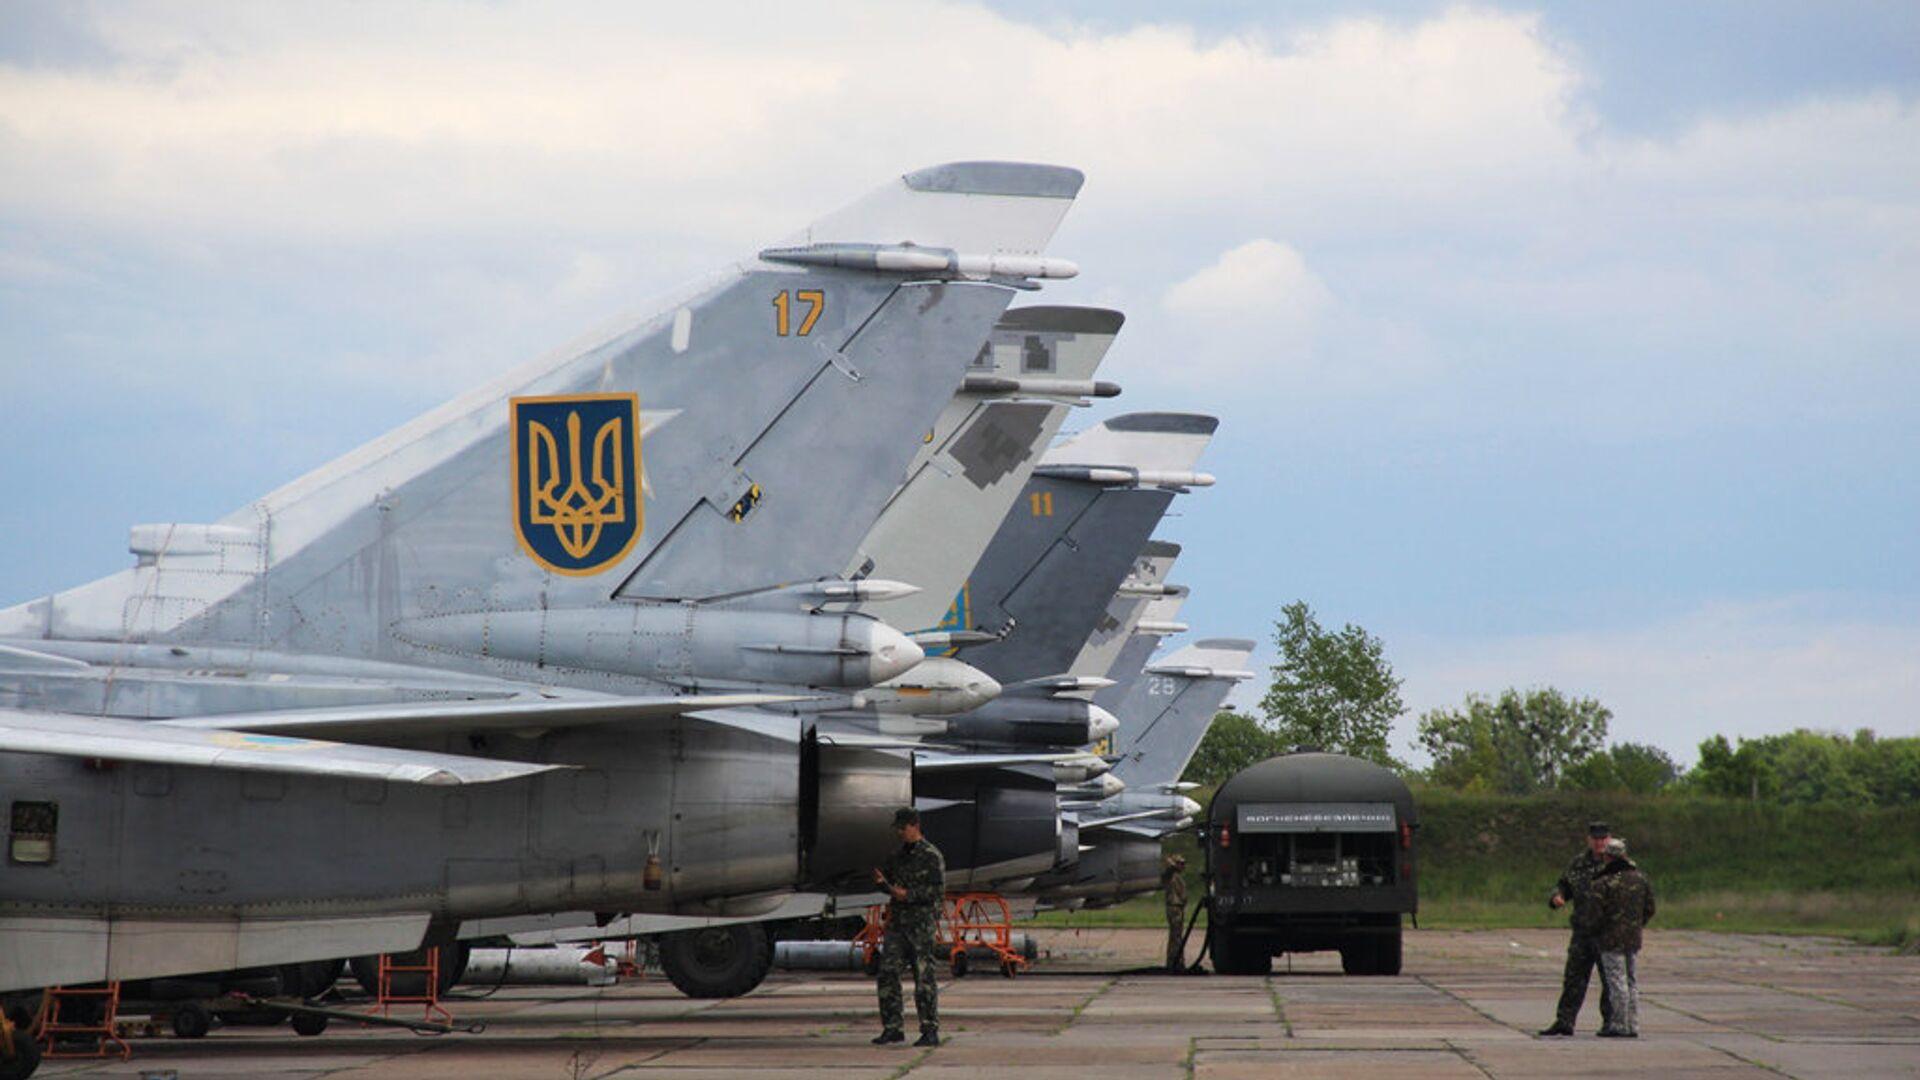 Командующий ВВС Украины пожаловался на устаревший парк авиатехники